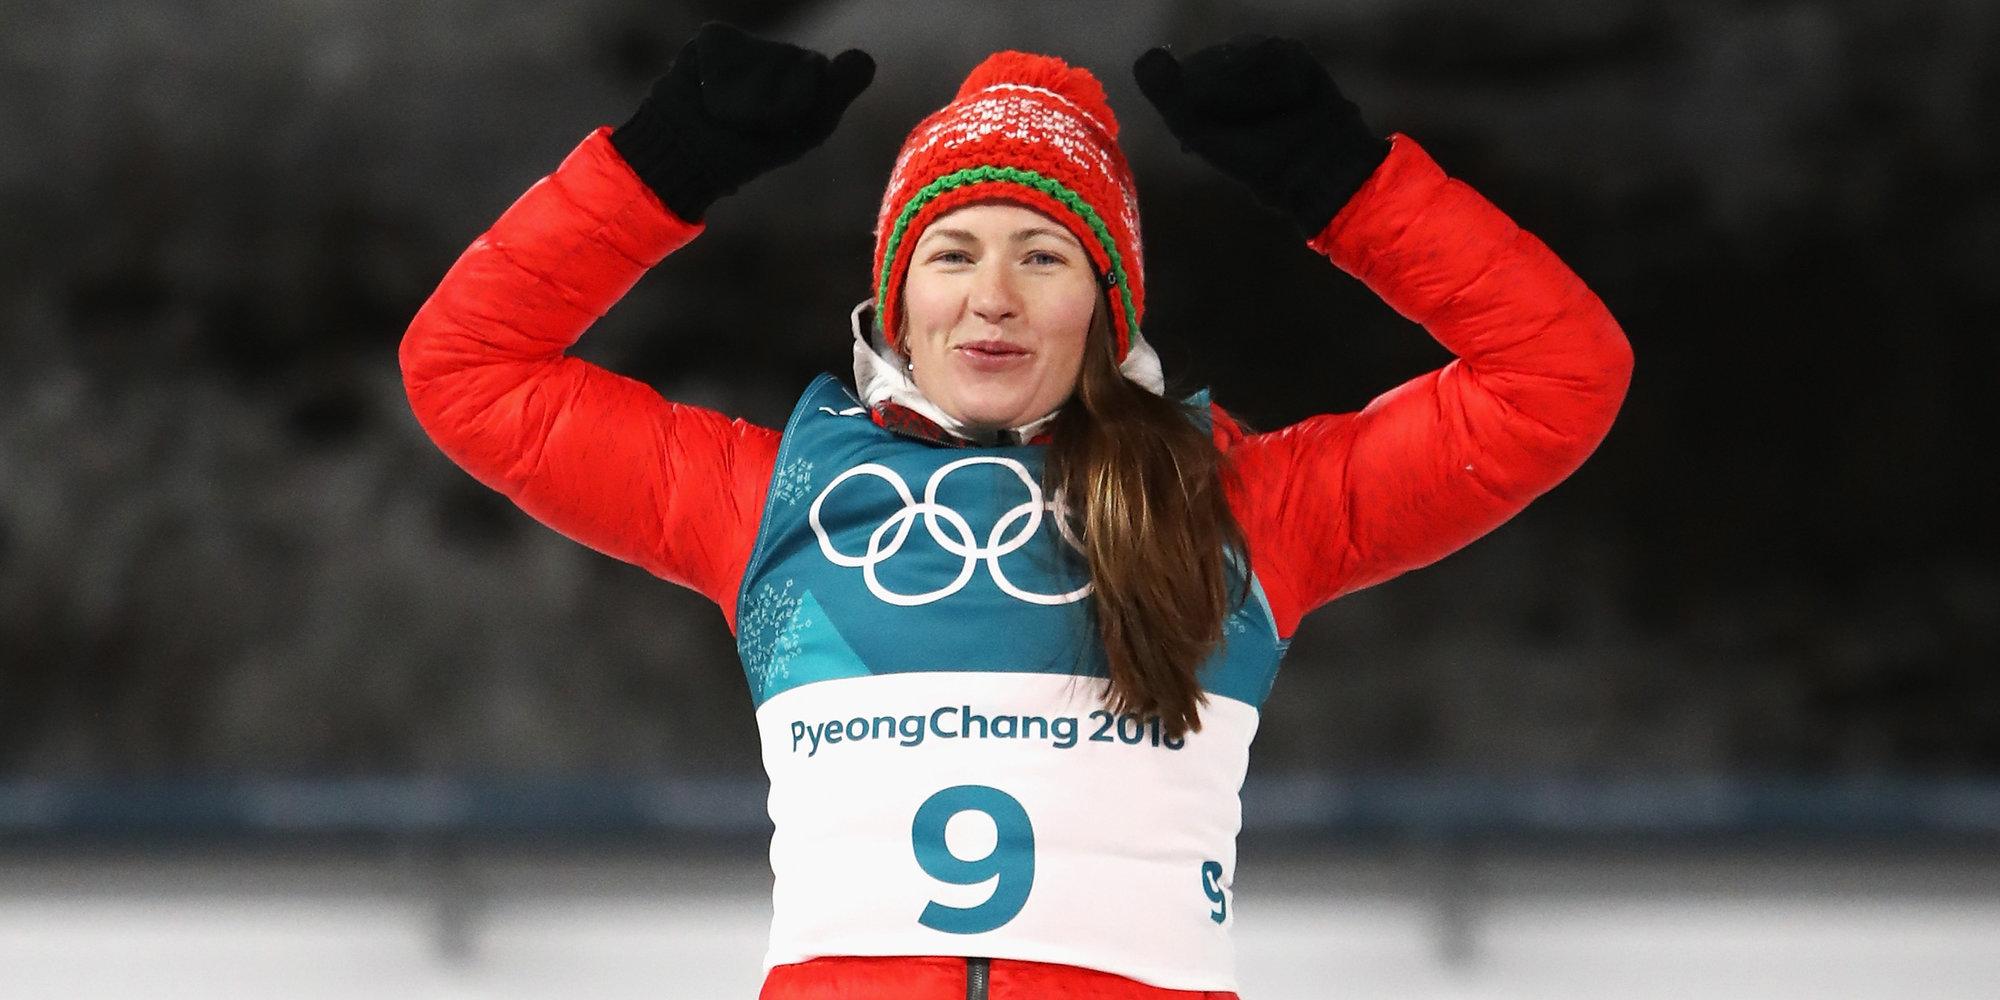 Белорусская биатлонистка Дарья Домрачева объявила озавершении карьеры